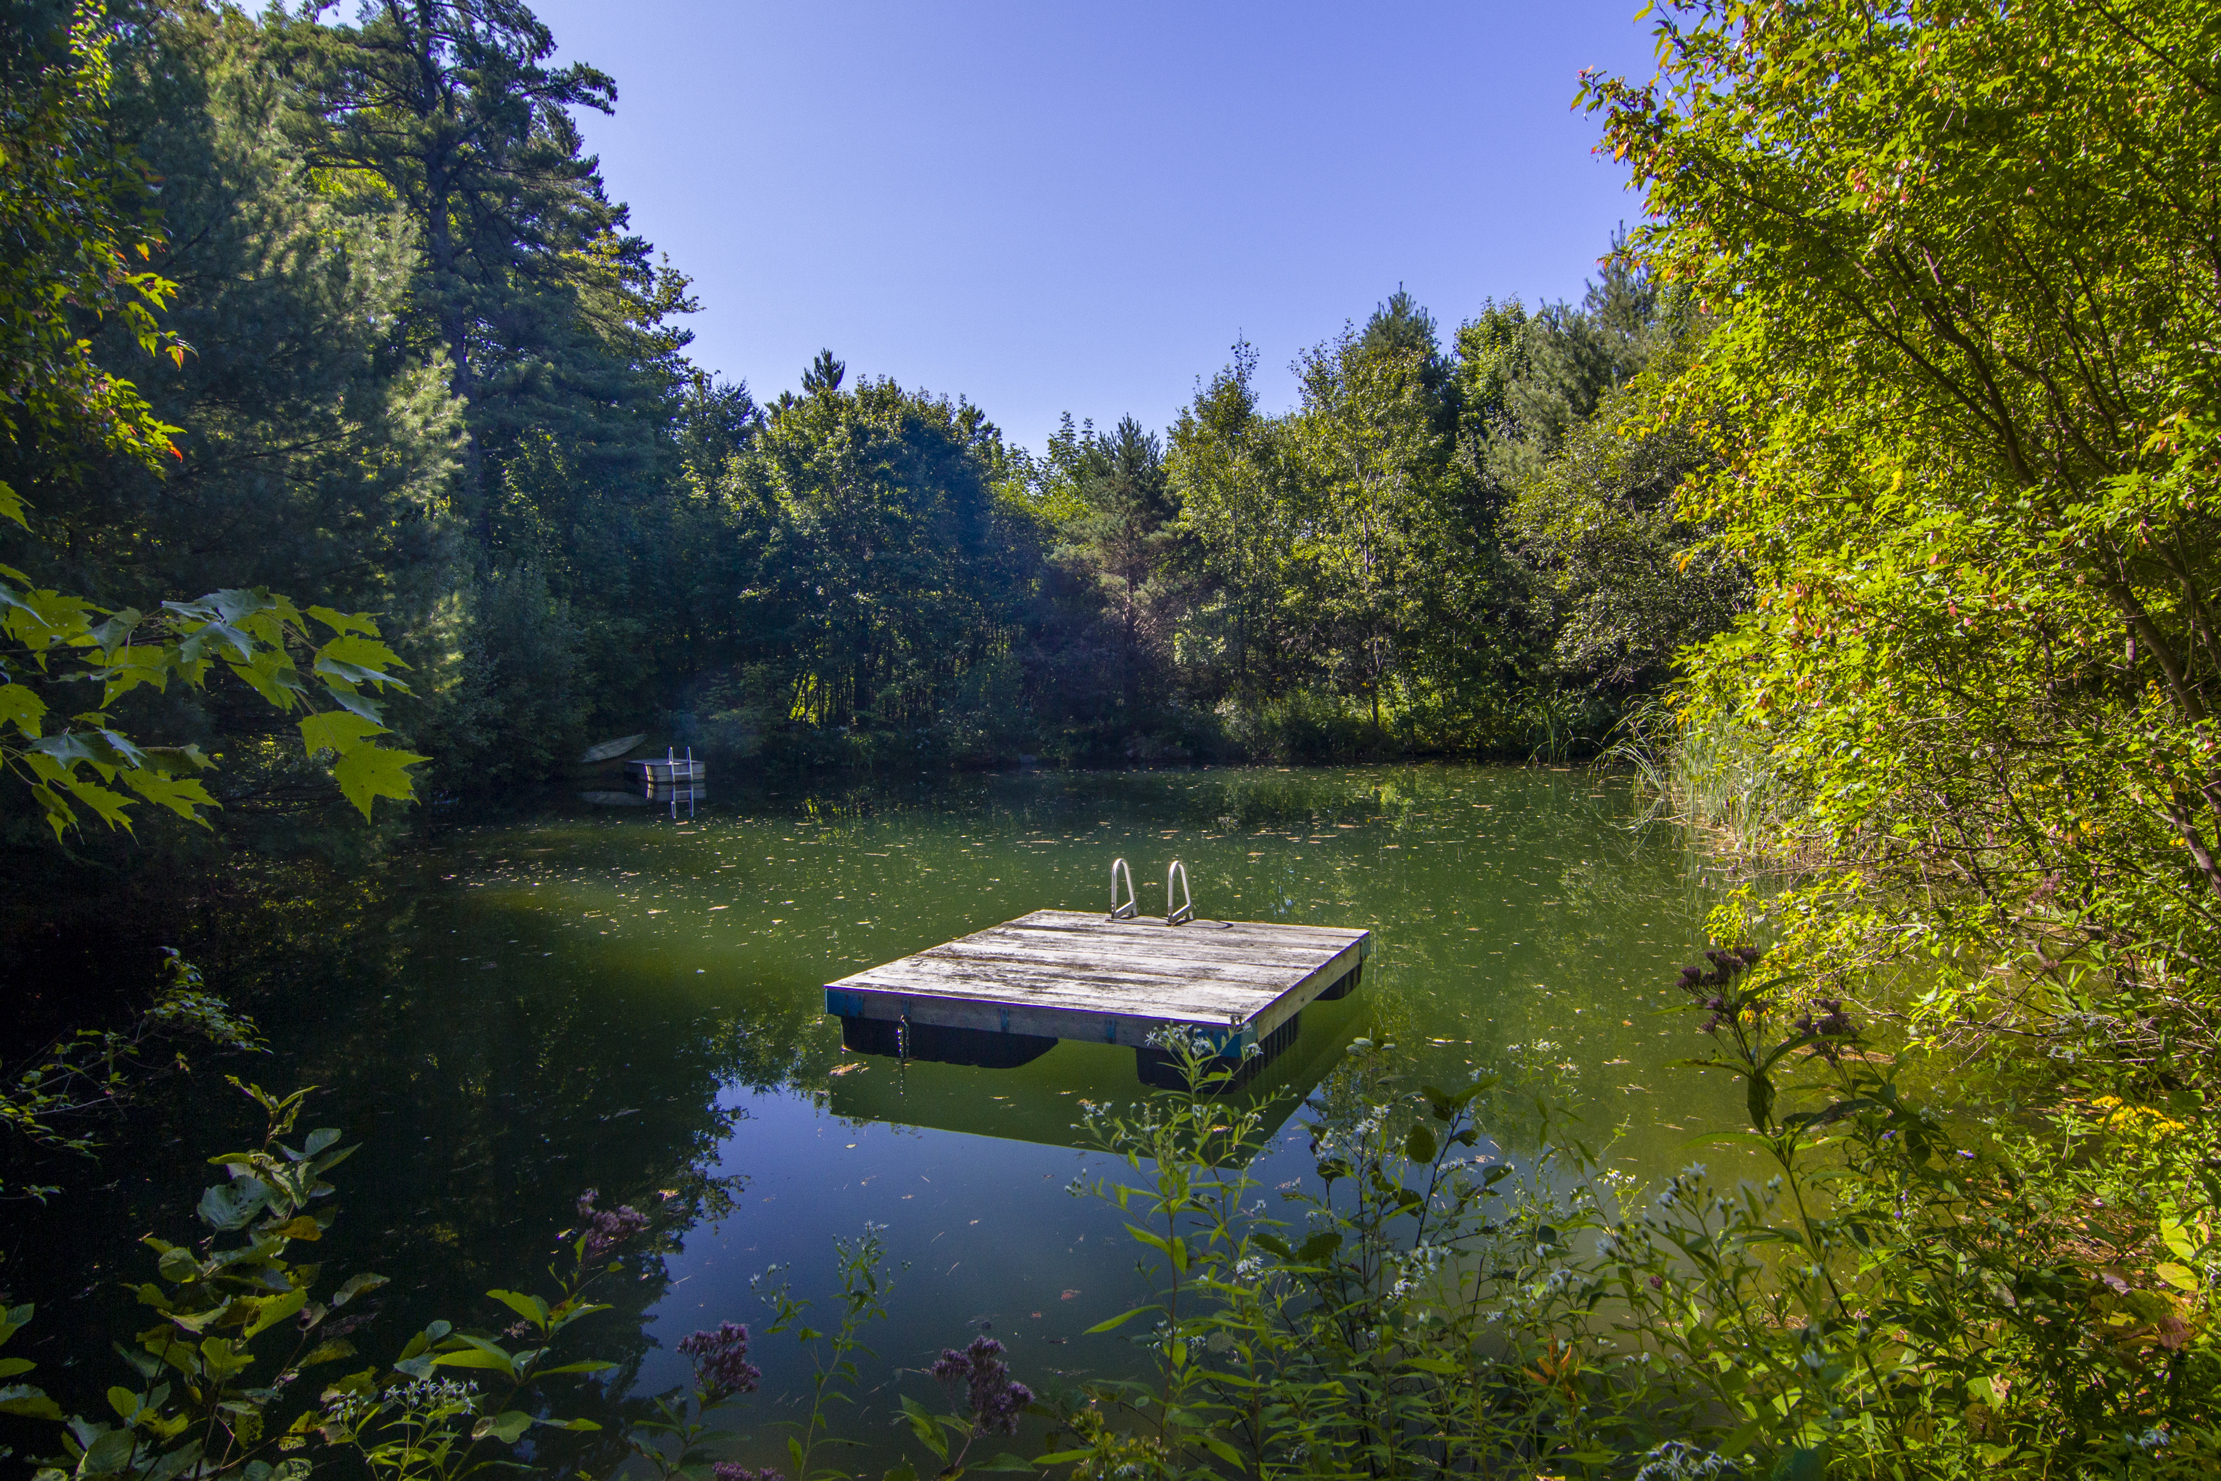 06-2017-09-02 IMG_4021Hanson Pond Float.jpg